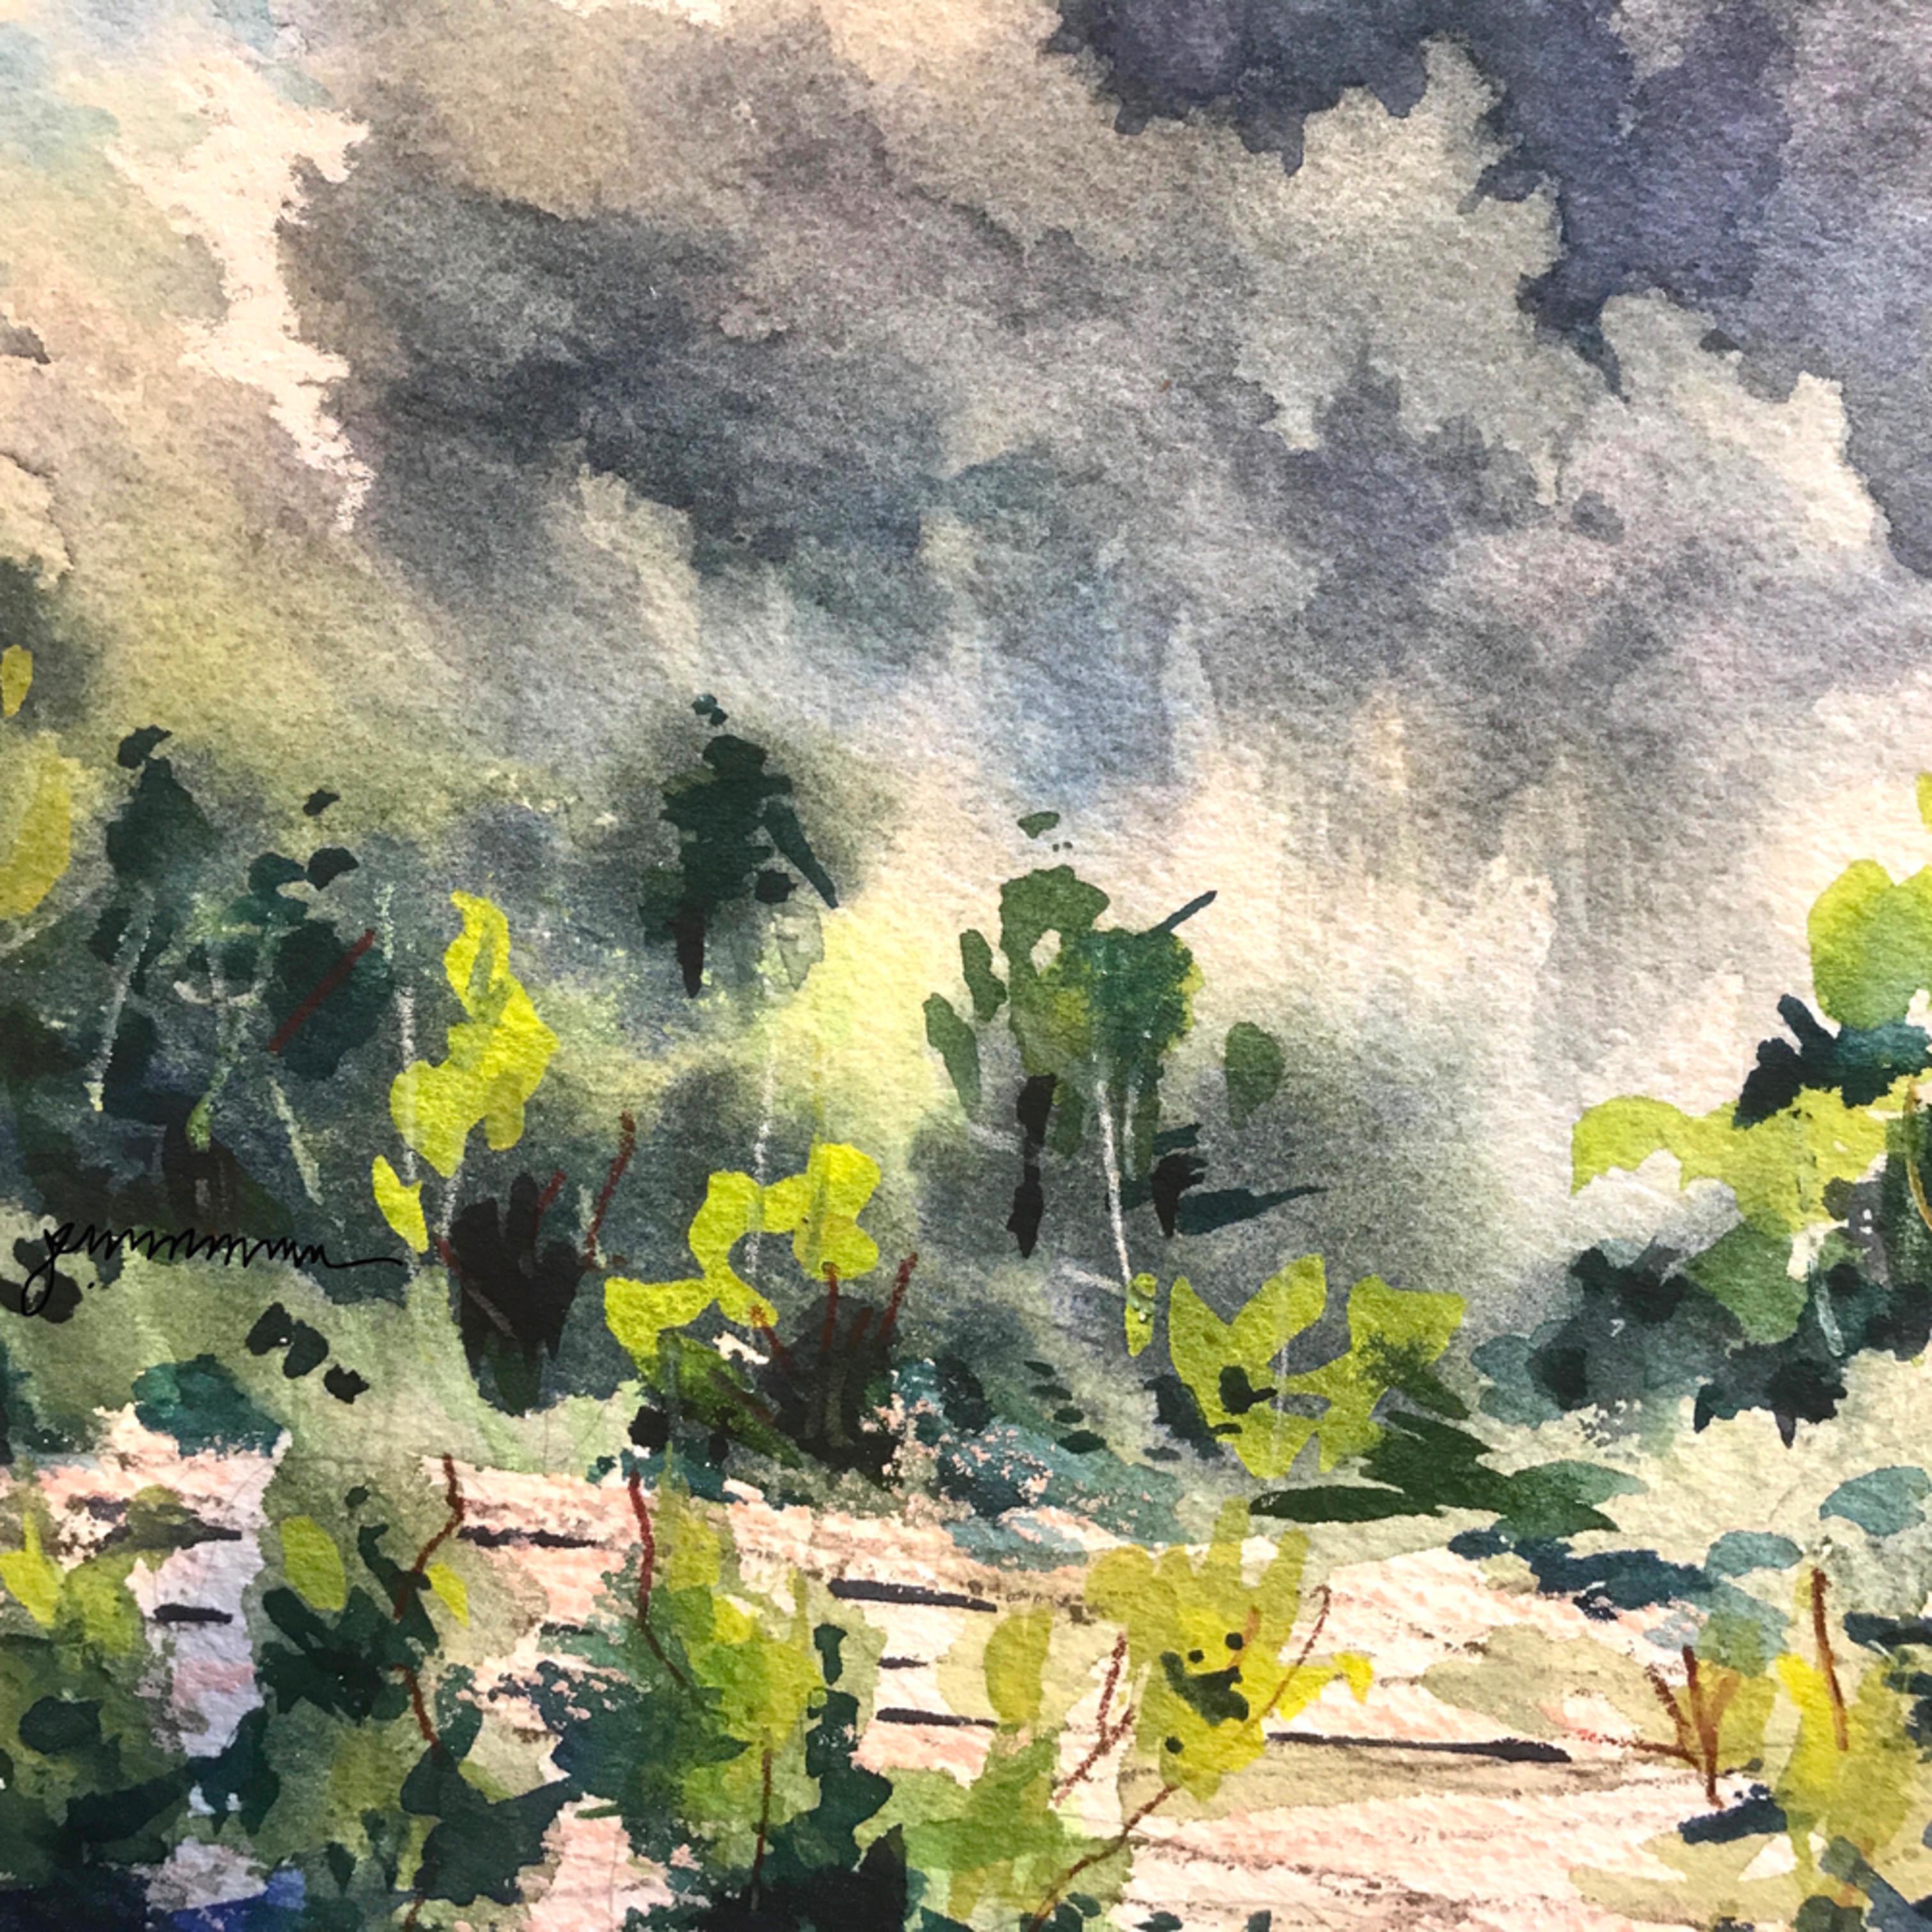 Rain at kelleys island quarry jmmason siglge yezdnd